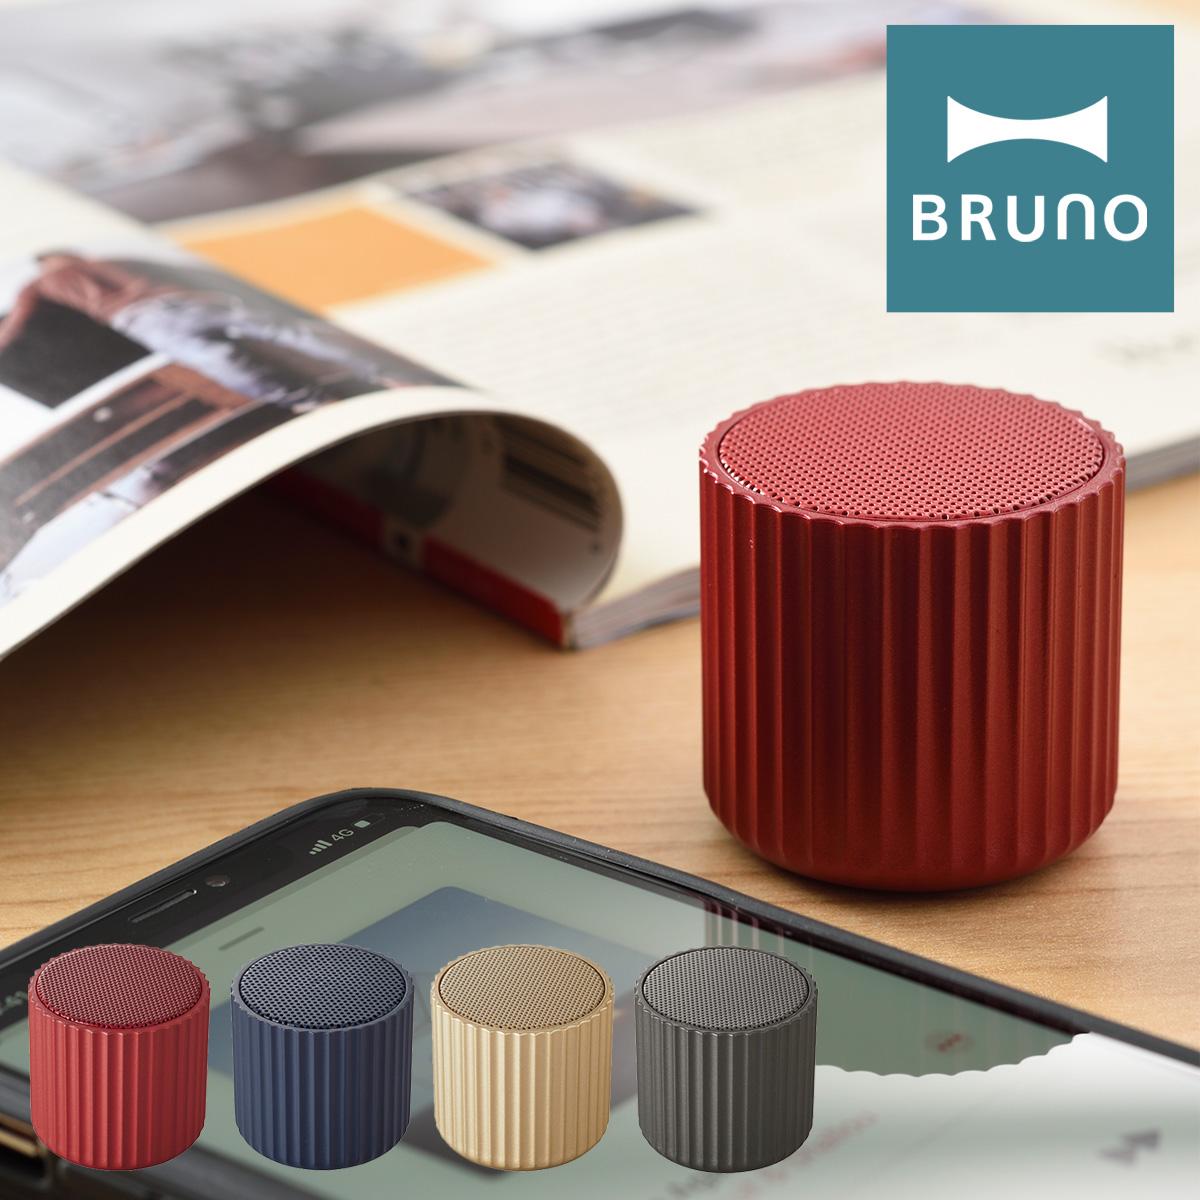 全品送料無料 出荷 あす楽 ブルーノ Bluetoothスピーカー ワイヤレススピーカー リブポット 防水 ボイスアシスト BDE046 BRUNO 市場 即日発送 コンパクト インテリア雑貨 一年保証